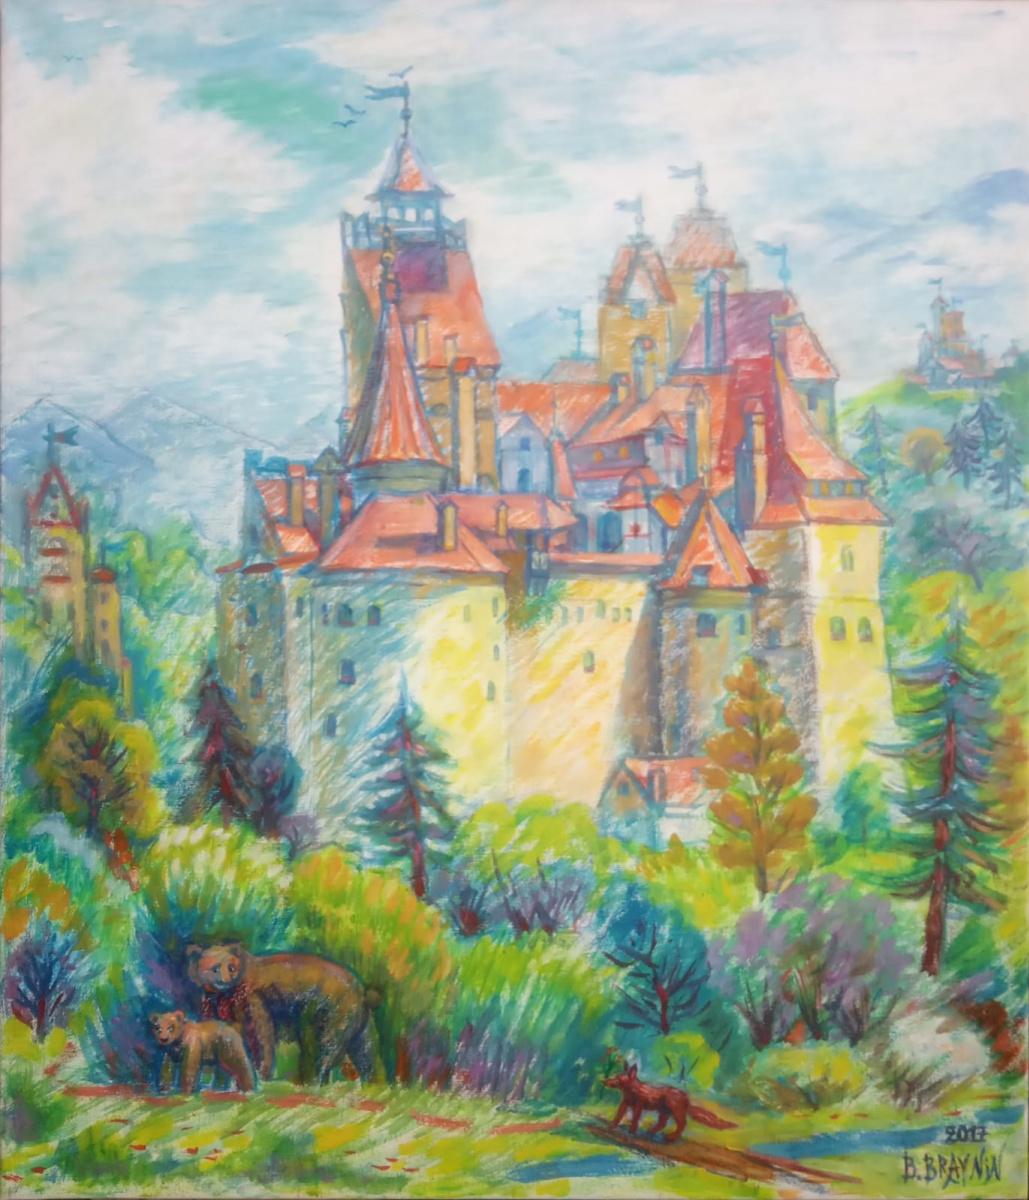 Boris Braynin. The Castle